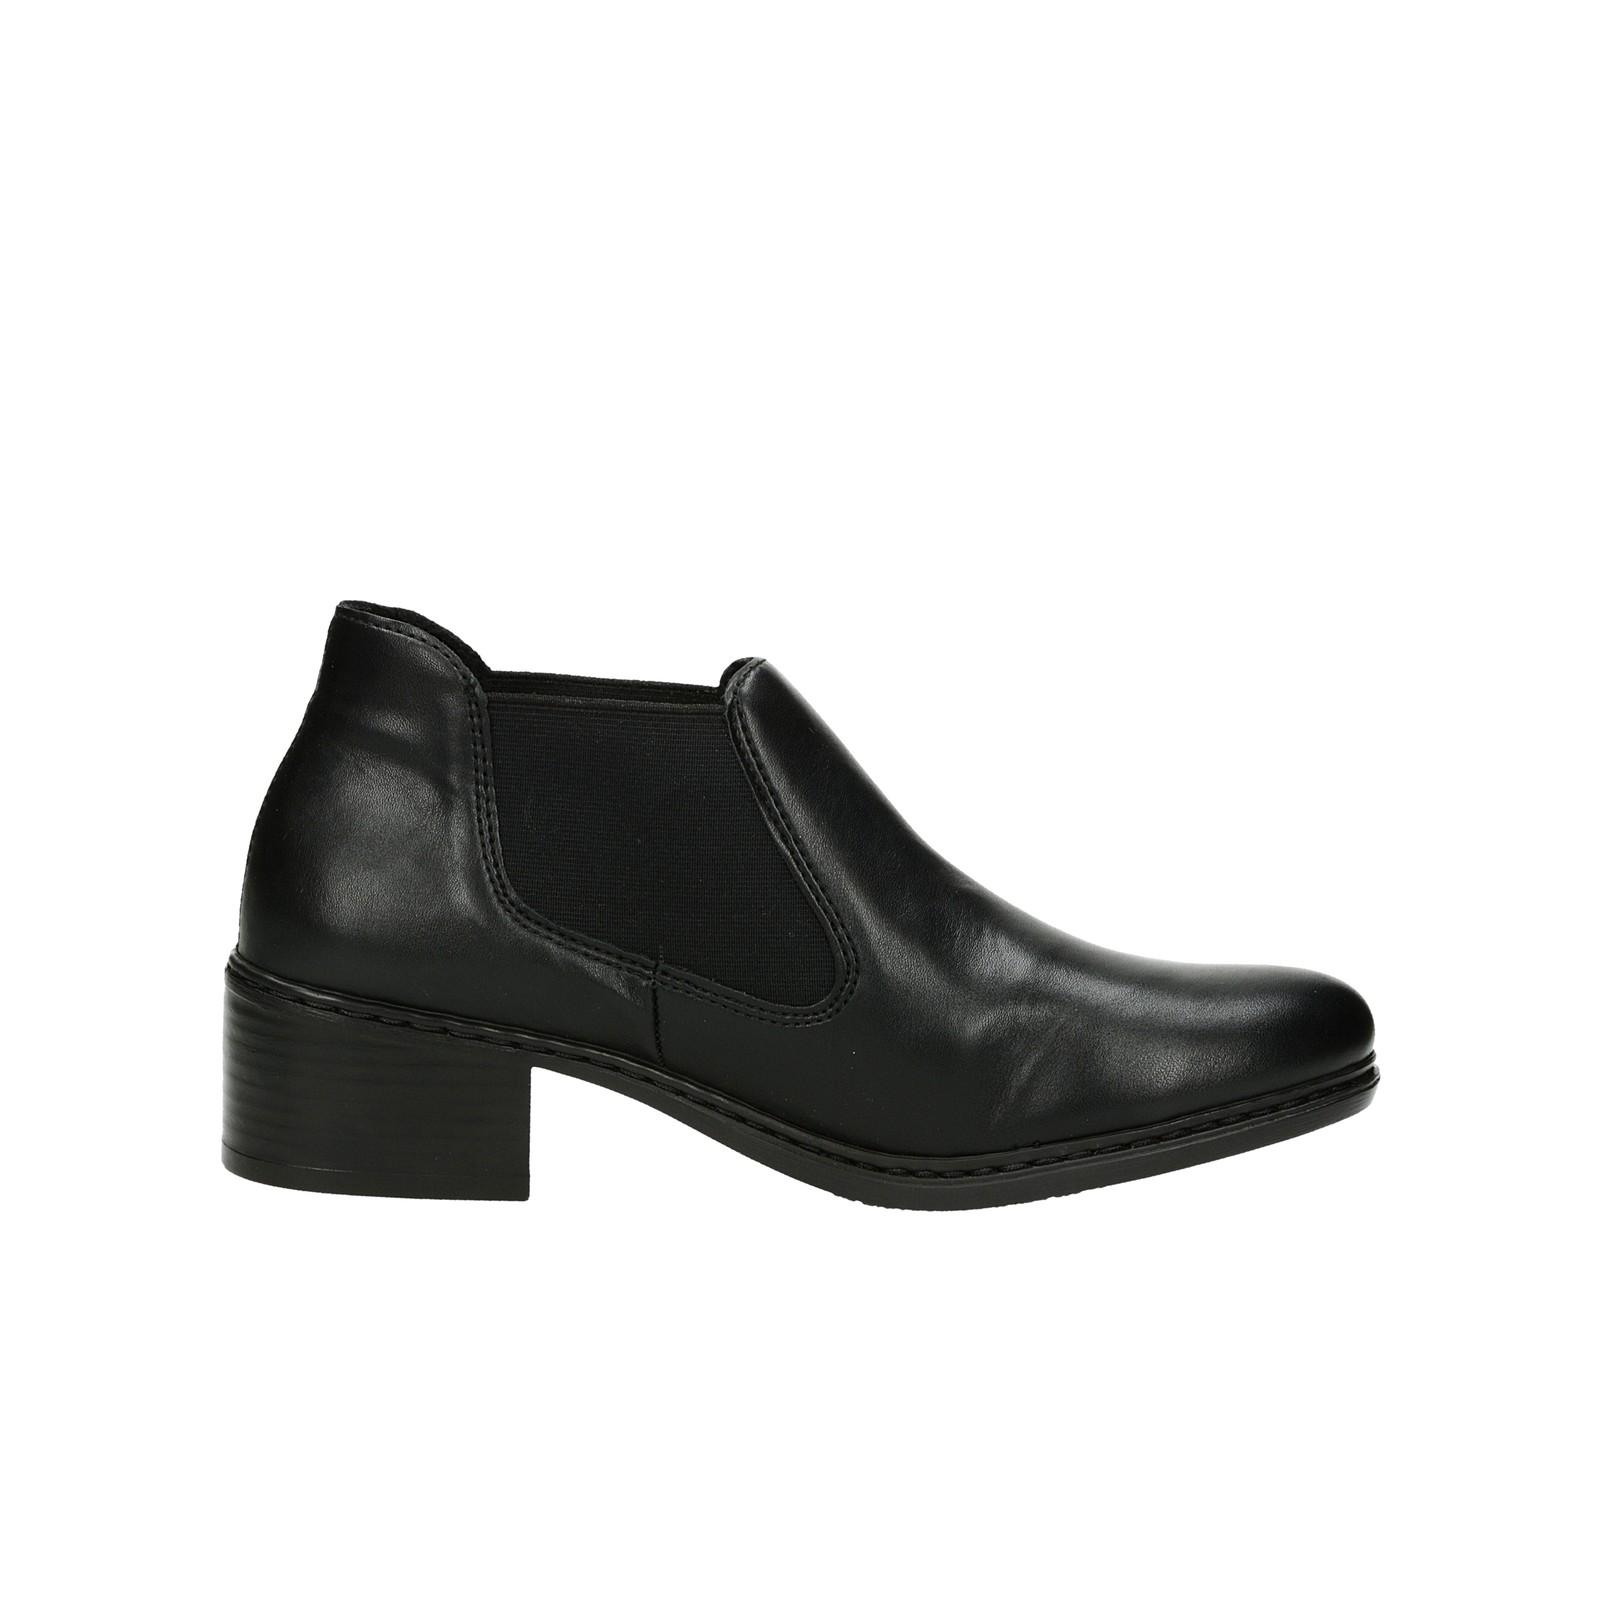 Rieker dámské pohodlné kotníkové boty - černé